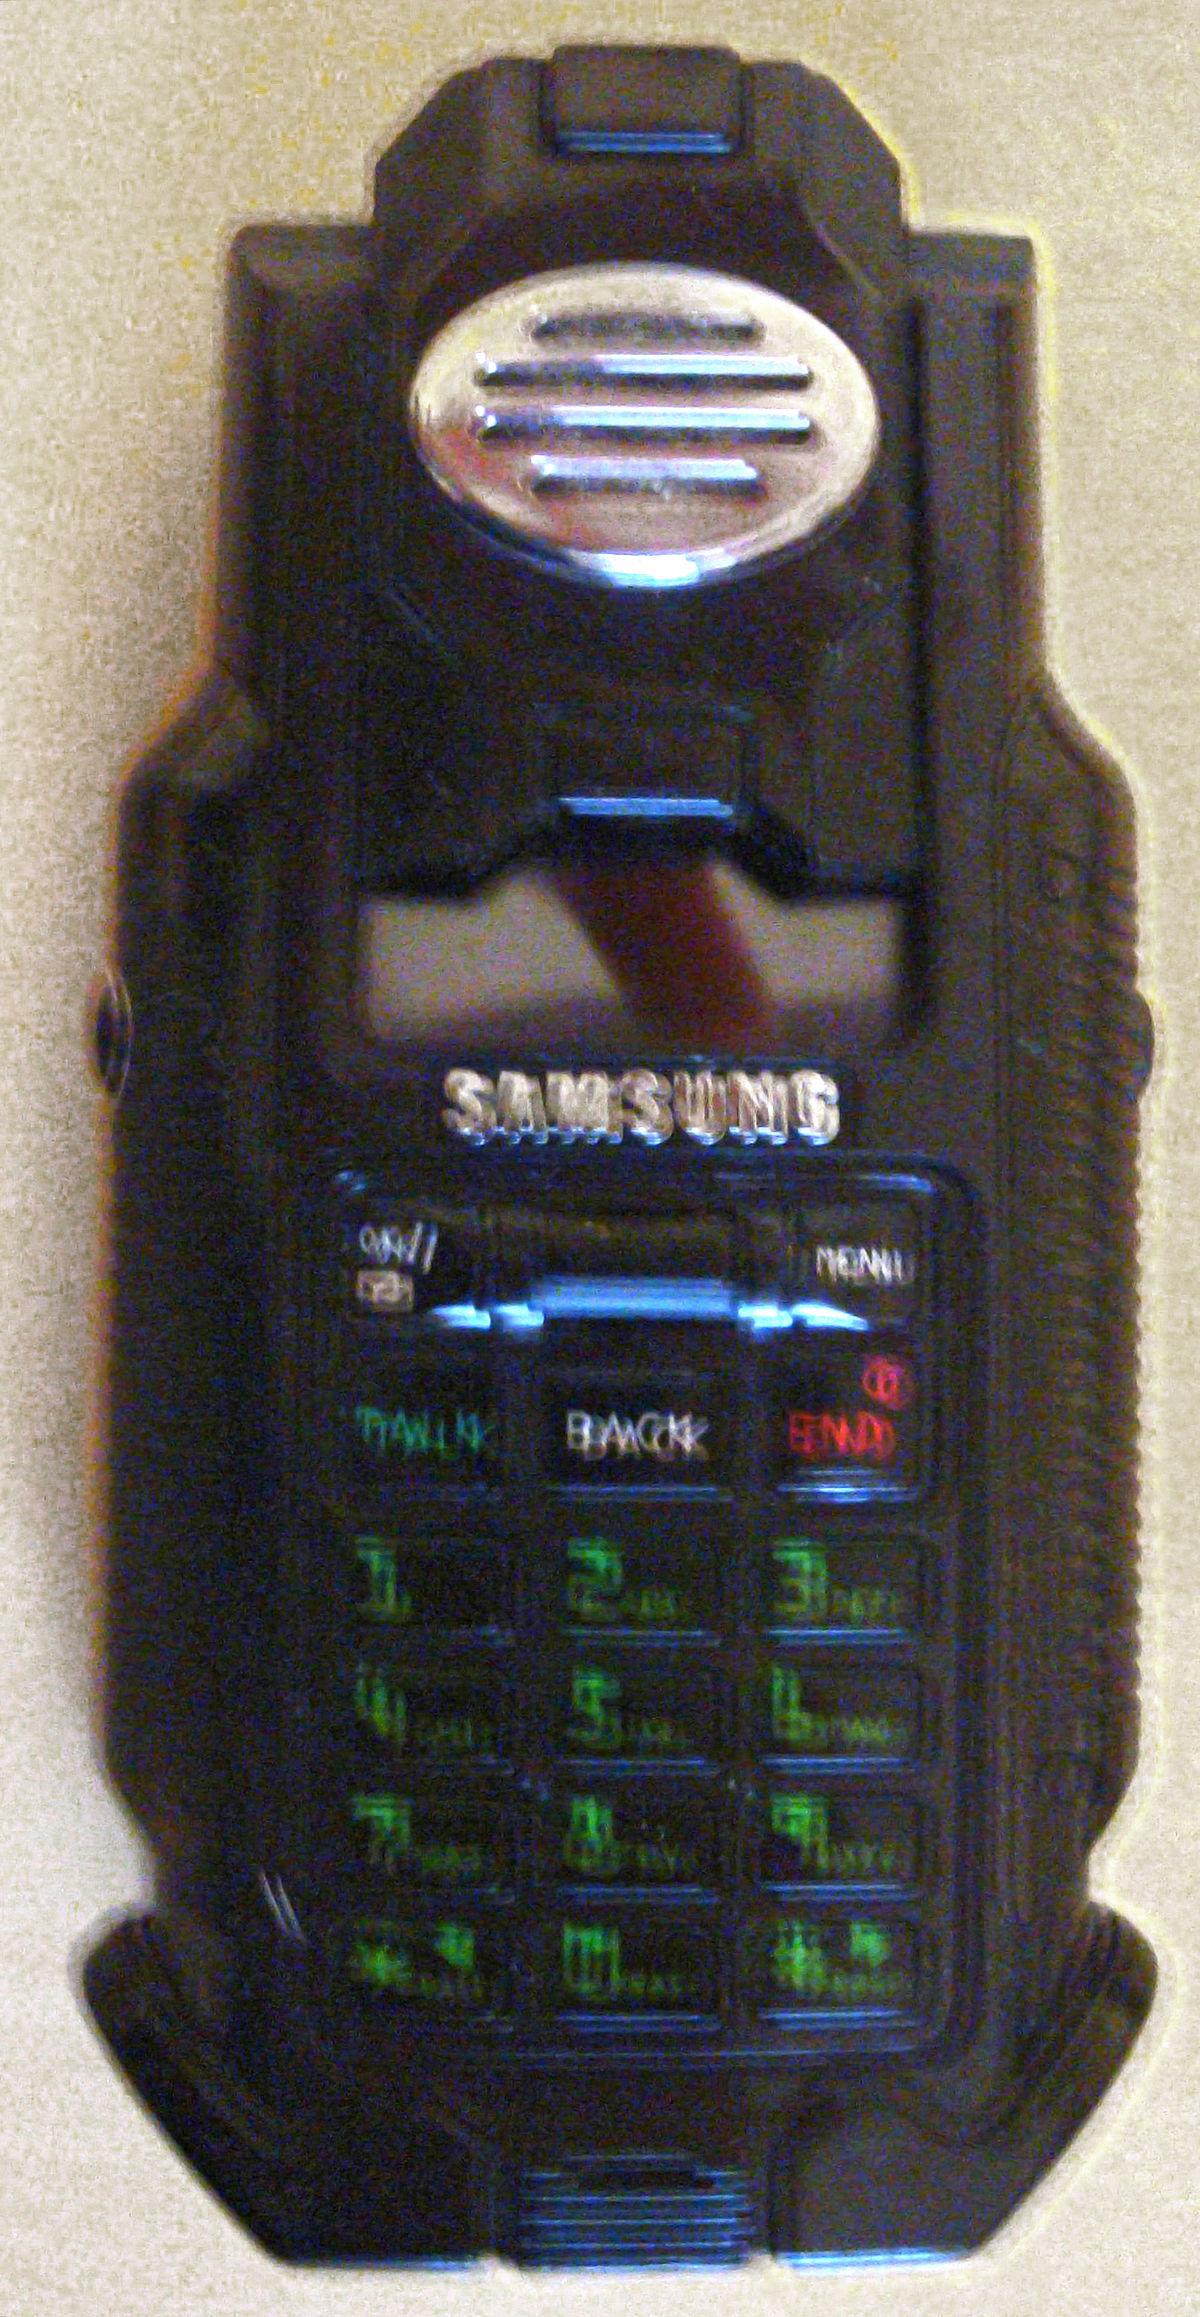 Samsung SPH-N270 - Wikipedia